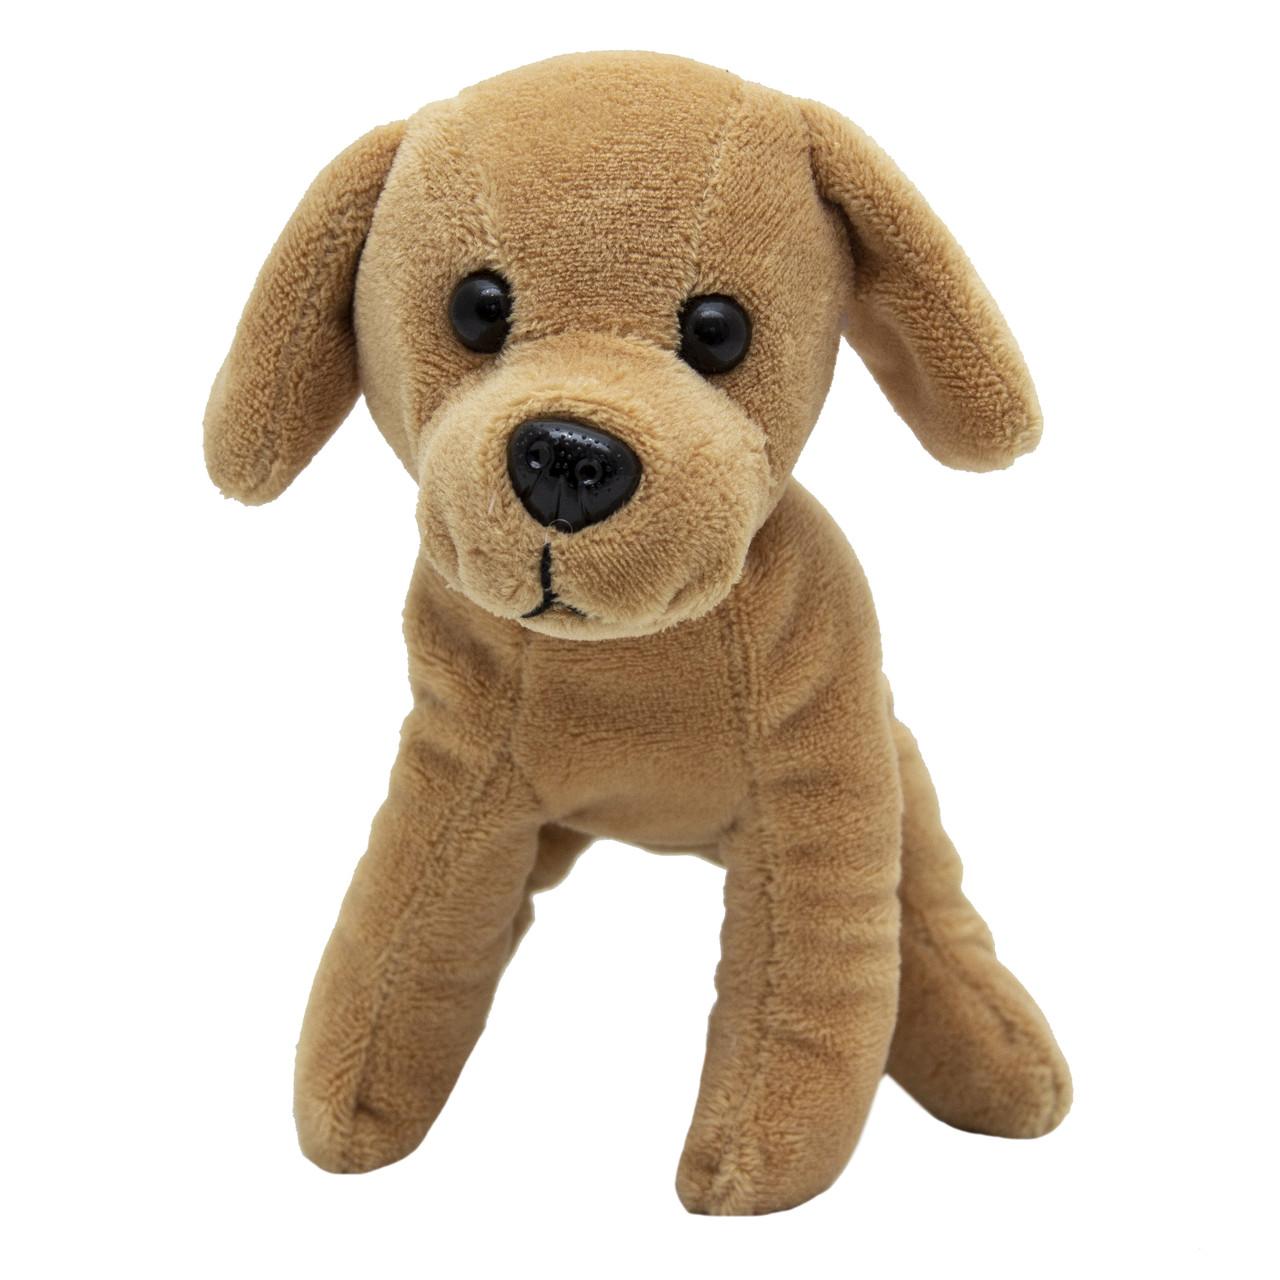 Мягкая игрушка - щенок, 15 см, коричневый, полиэстер (M1307215-4)